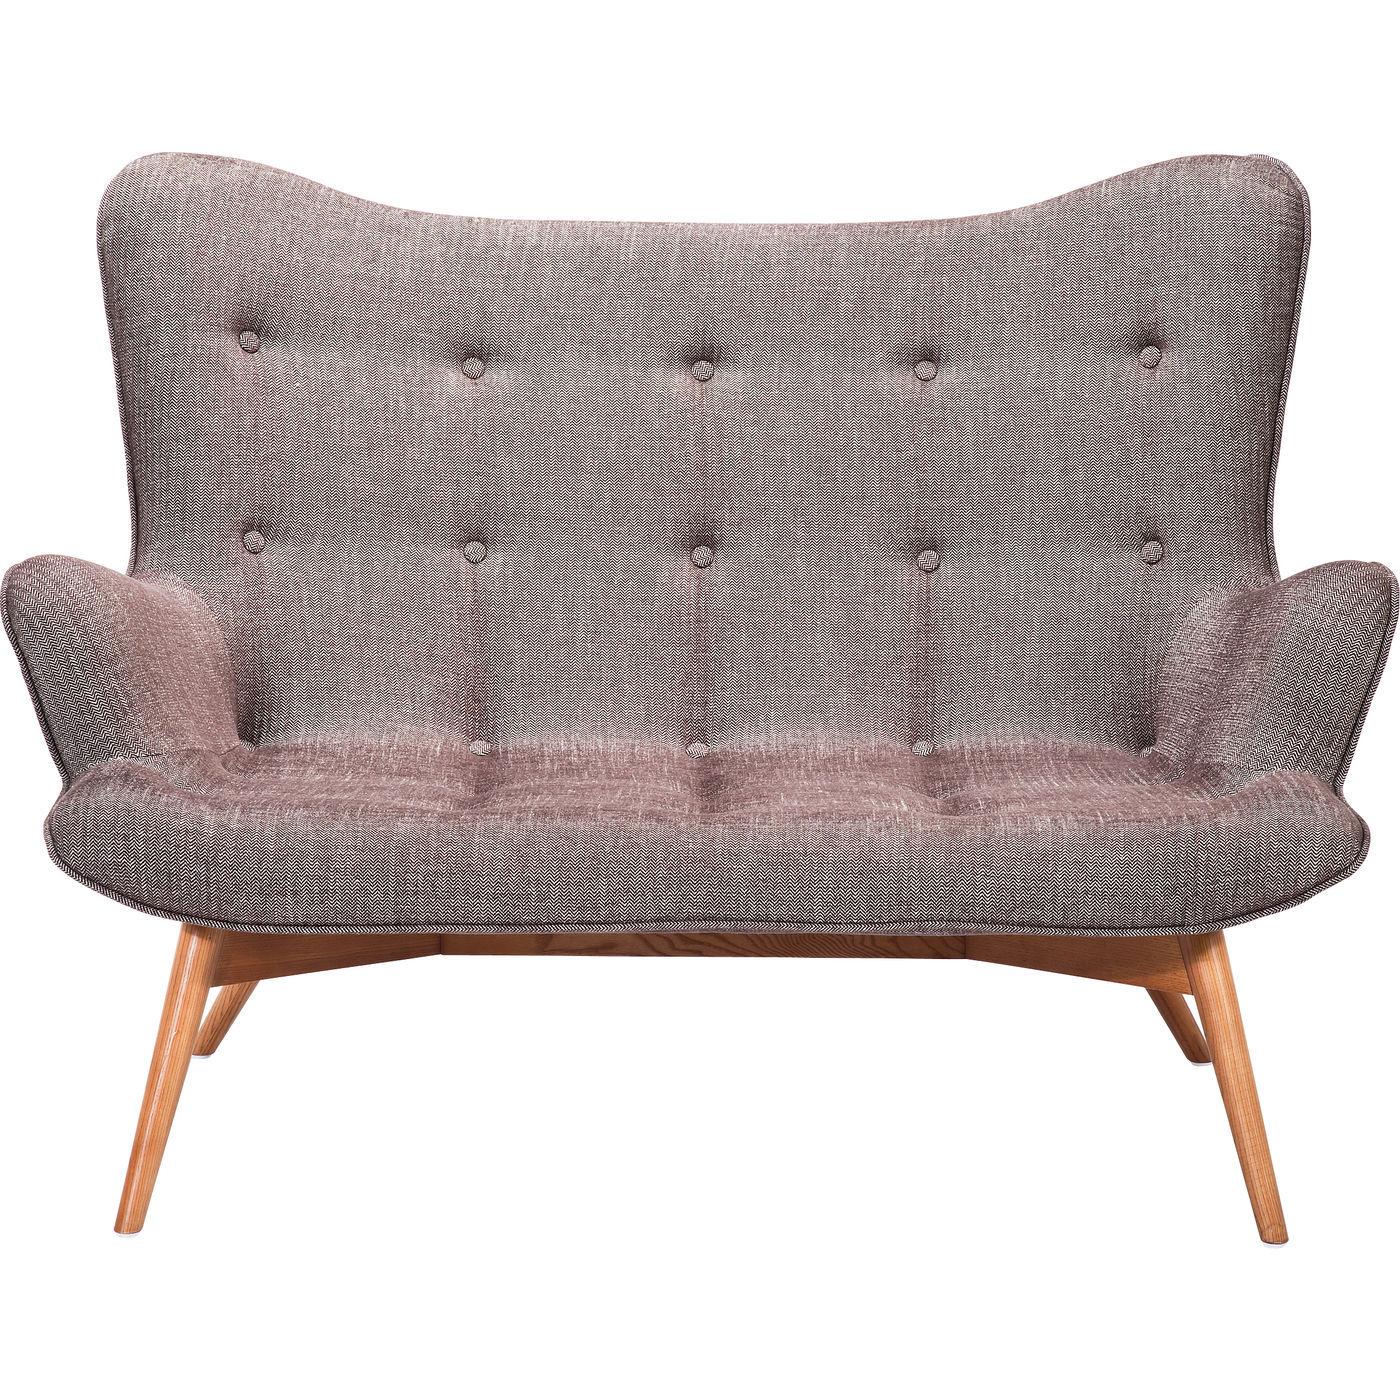 Kare design sofa, angels wings